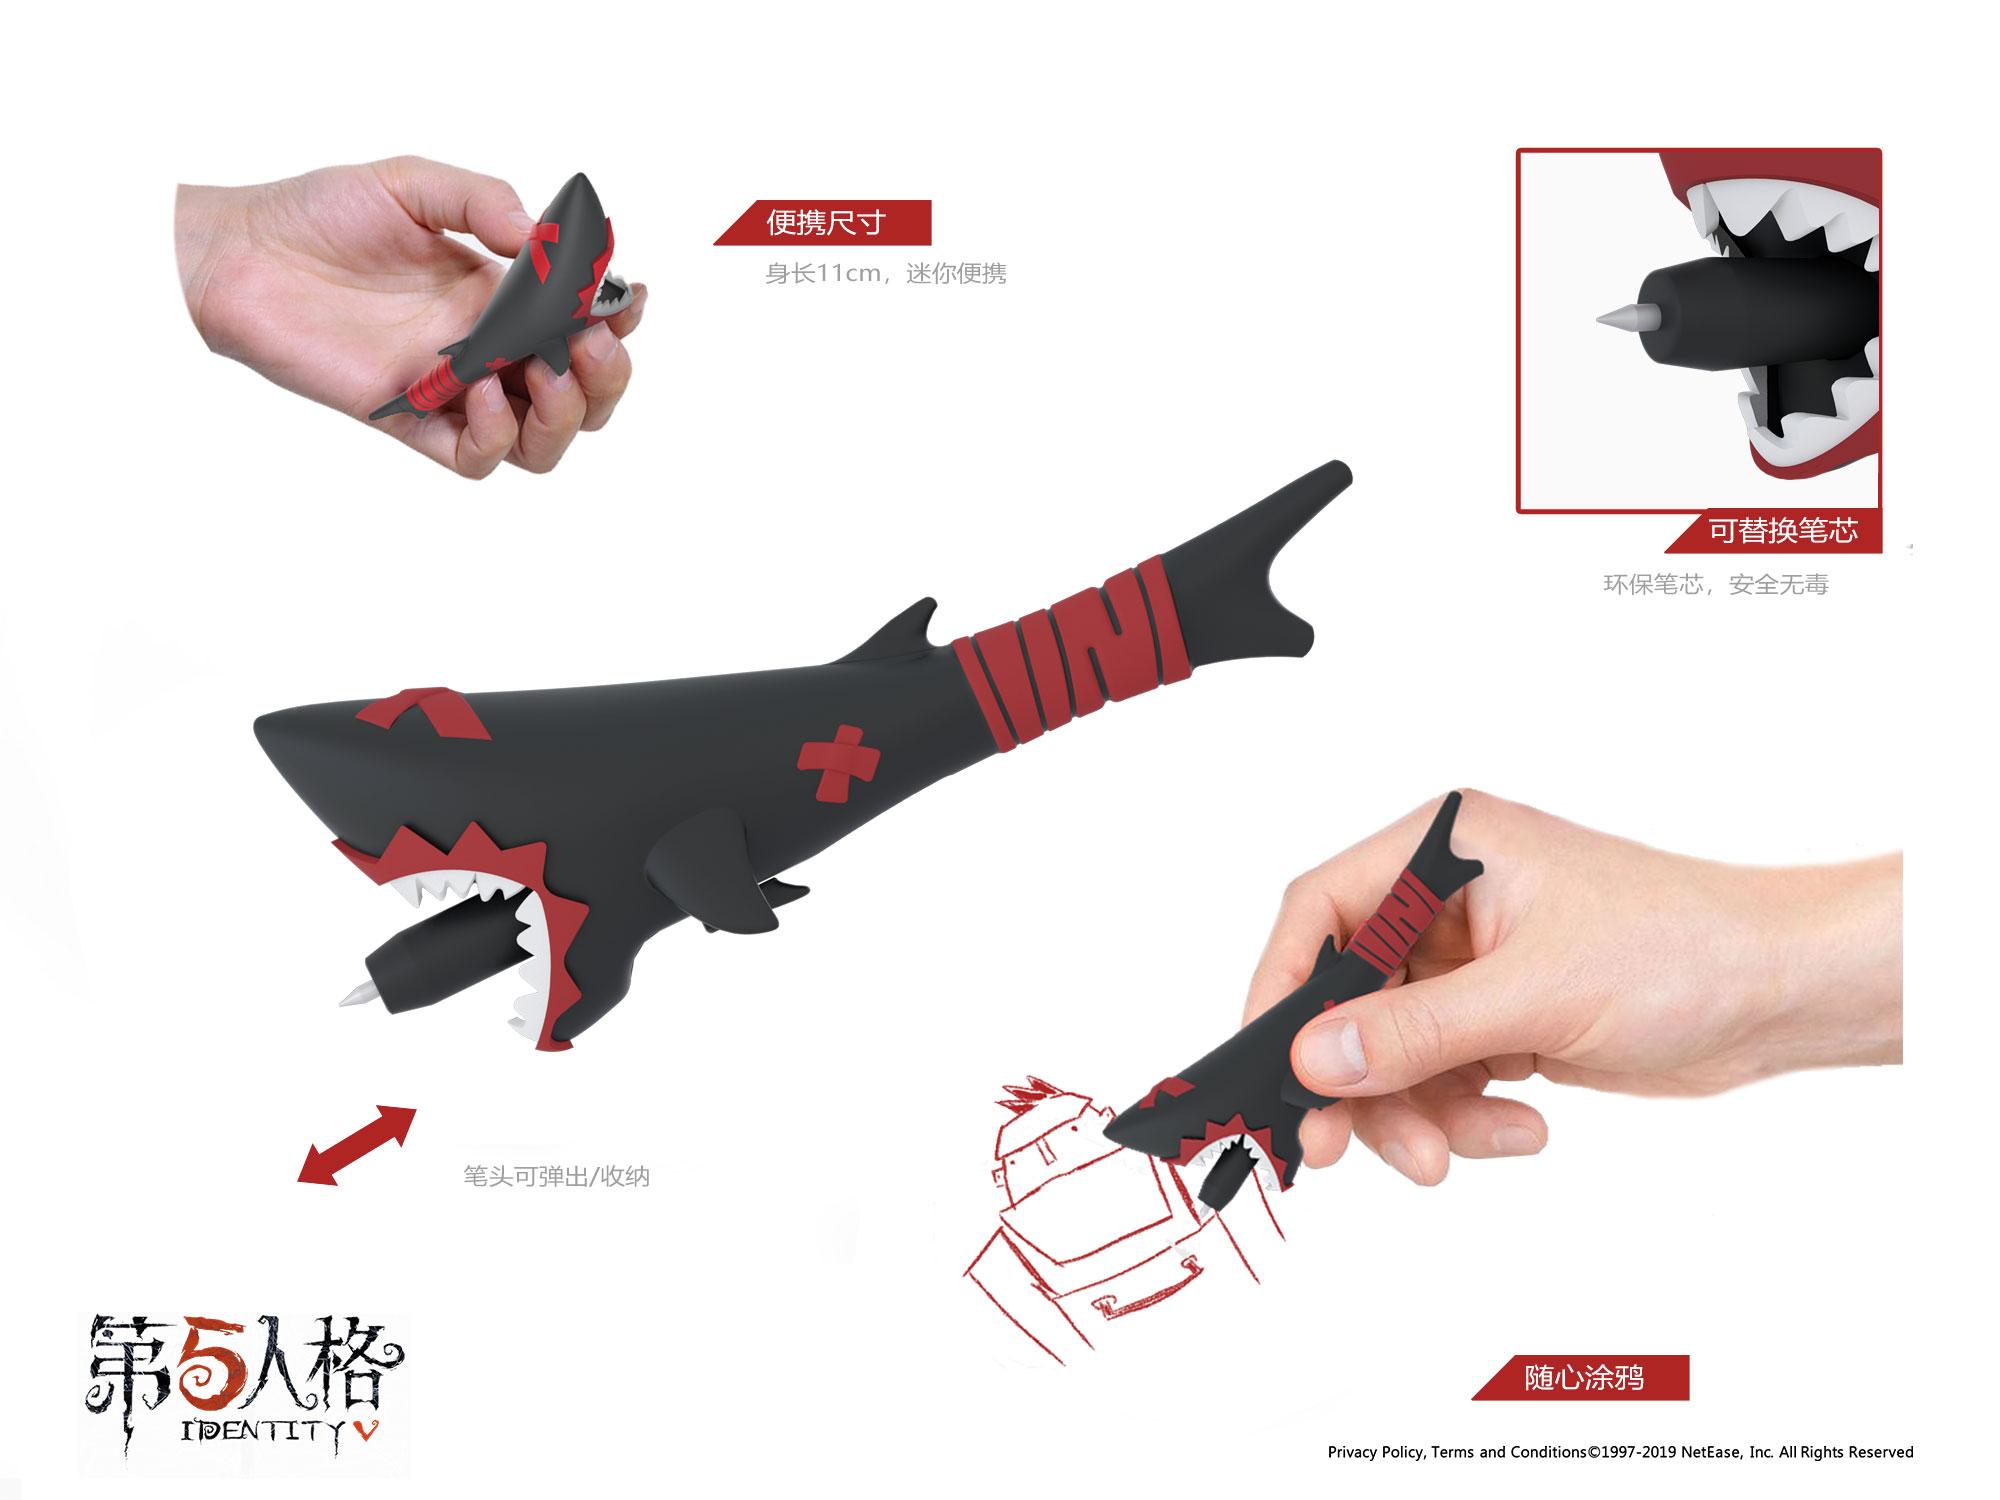 鲨鱼笔2.jpg